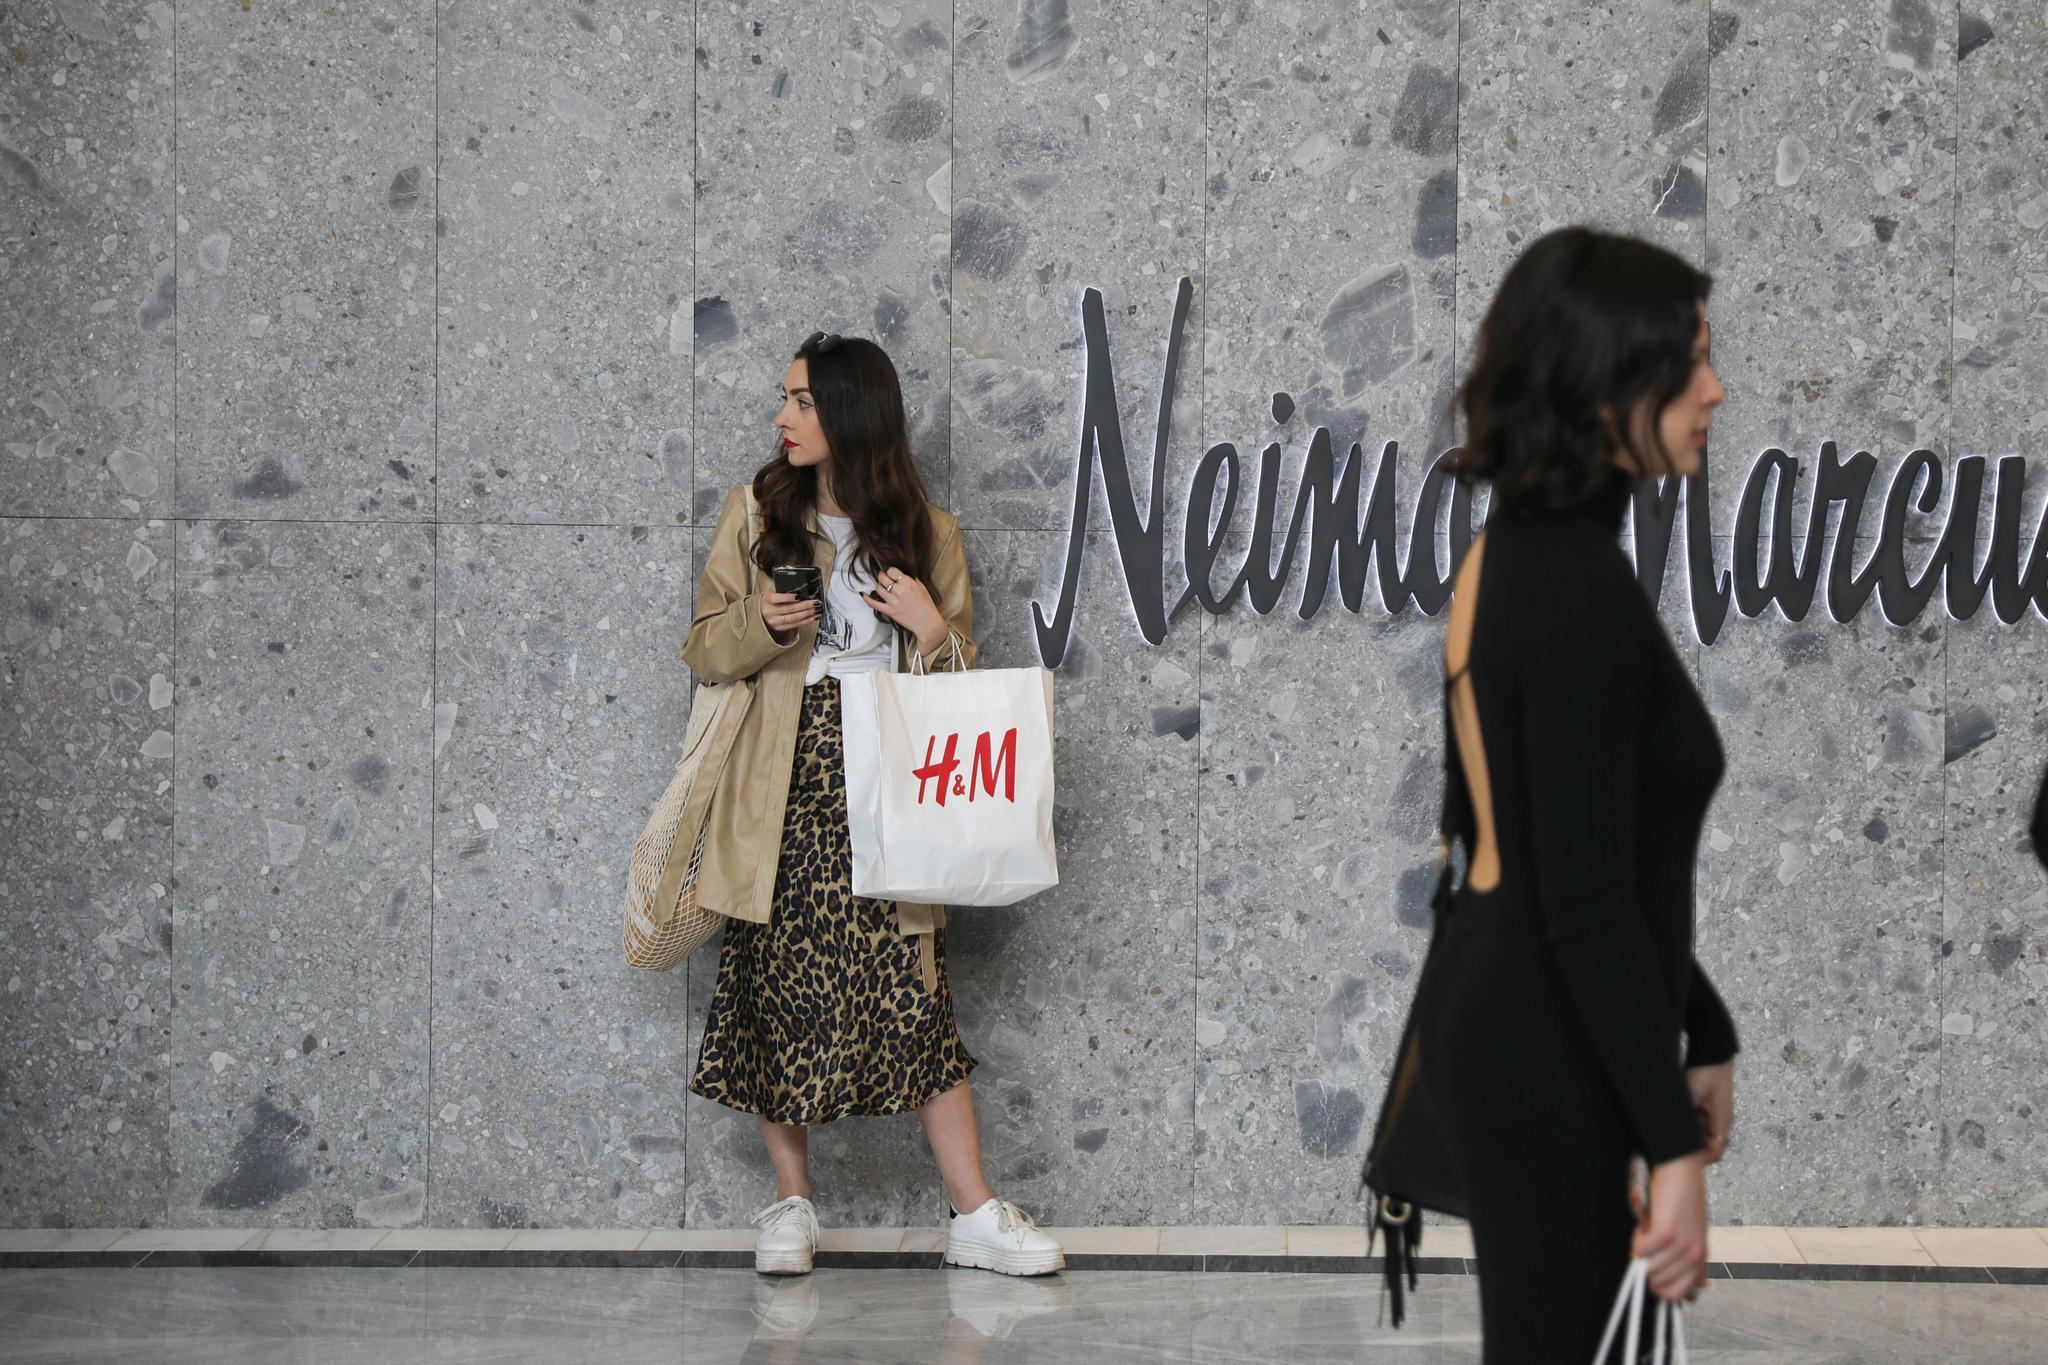 Modewissen: Wer steckt eigentlich hinter den Modemarken wie Zara, H&M oder Mango?